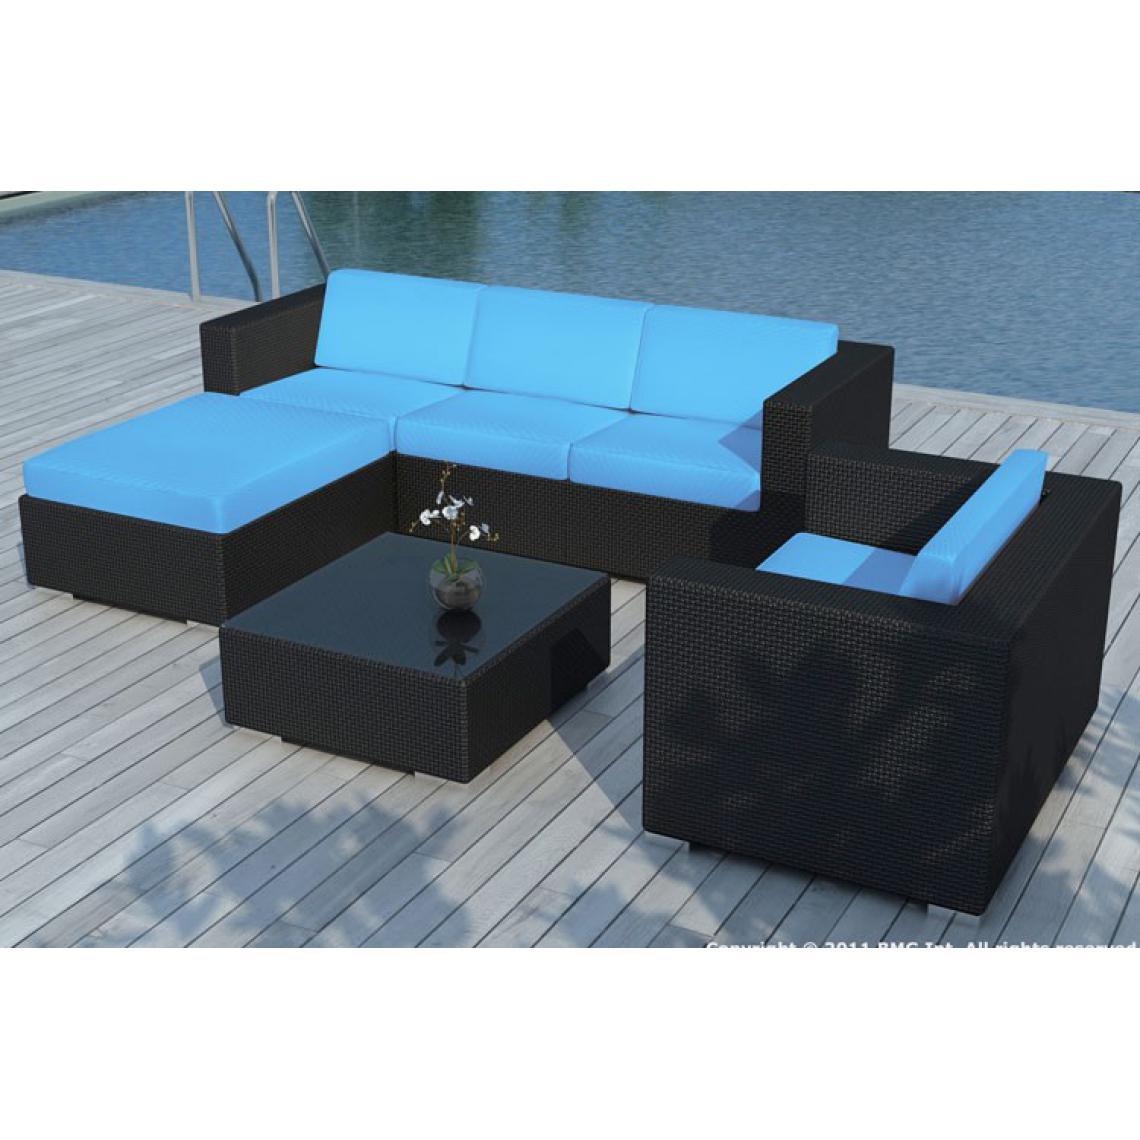 Salle A Manger De Jardin En Resine Tressee salon de jardin en résine tressée noir et bleu lagon 203x72x63 plus de  détails